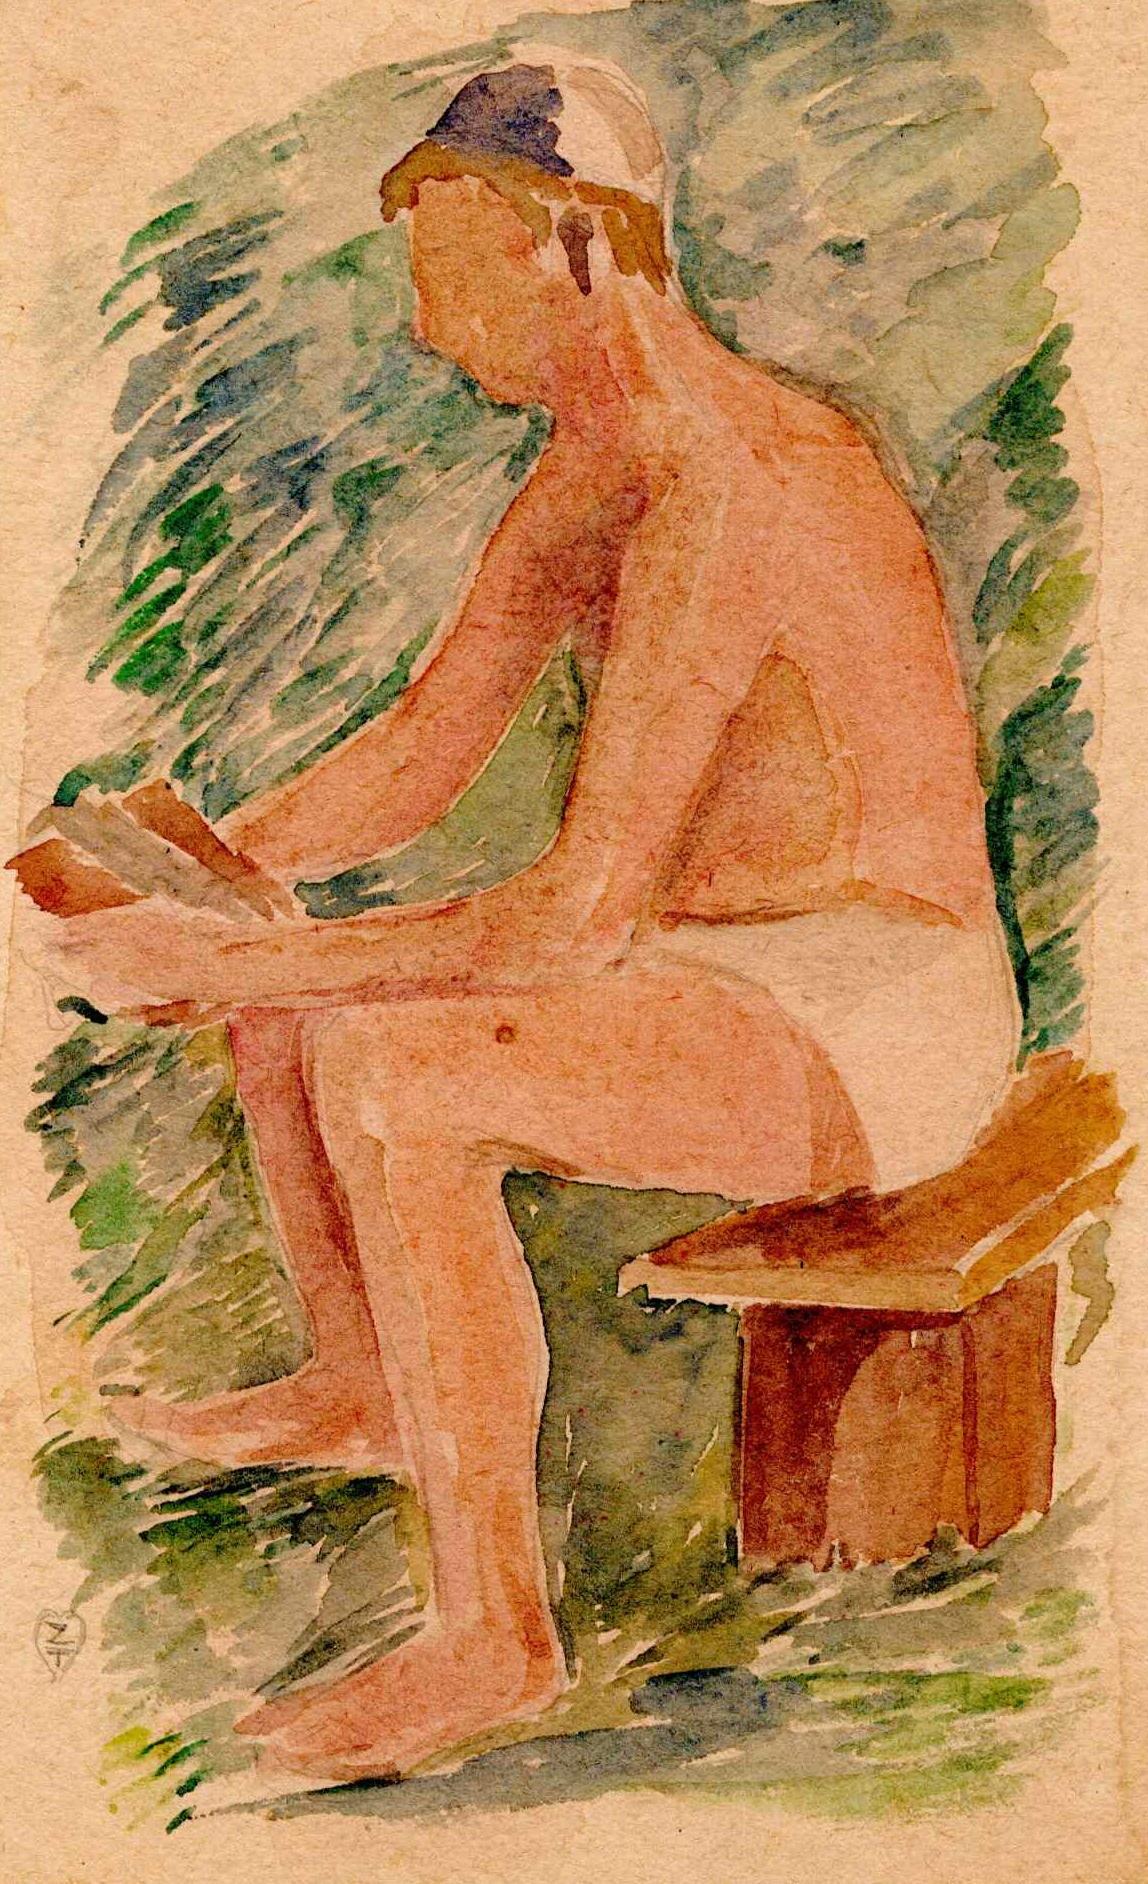 Praca Zygmunta Turkiewicza podtytułem Mężczyzna czytający. Przedstawia mężczyznę ubranego wyłącznie wmajtki lub krótkie spodenki iczapkę nagłowie, siedzącego naławce iczytajacego książkę. Akwarela, Obóz wGriazowcu, lipiec - sierpień 1941